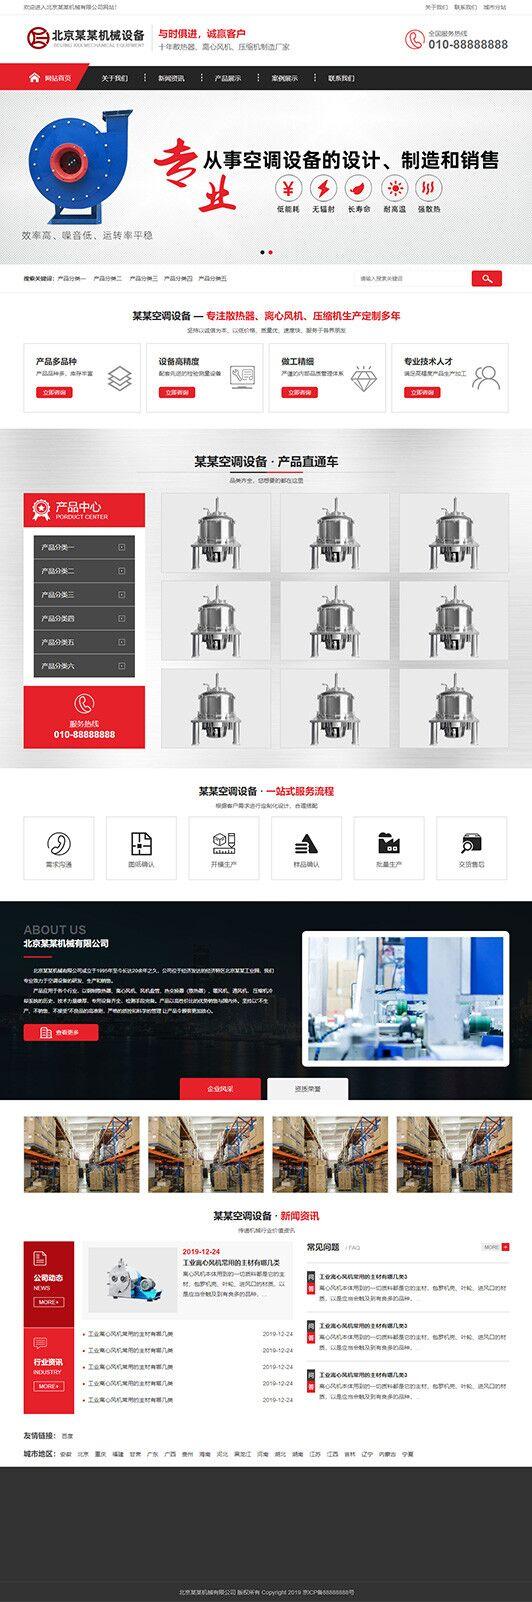 机械设备公司网站普通模板